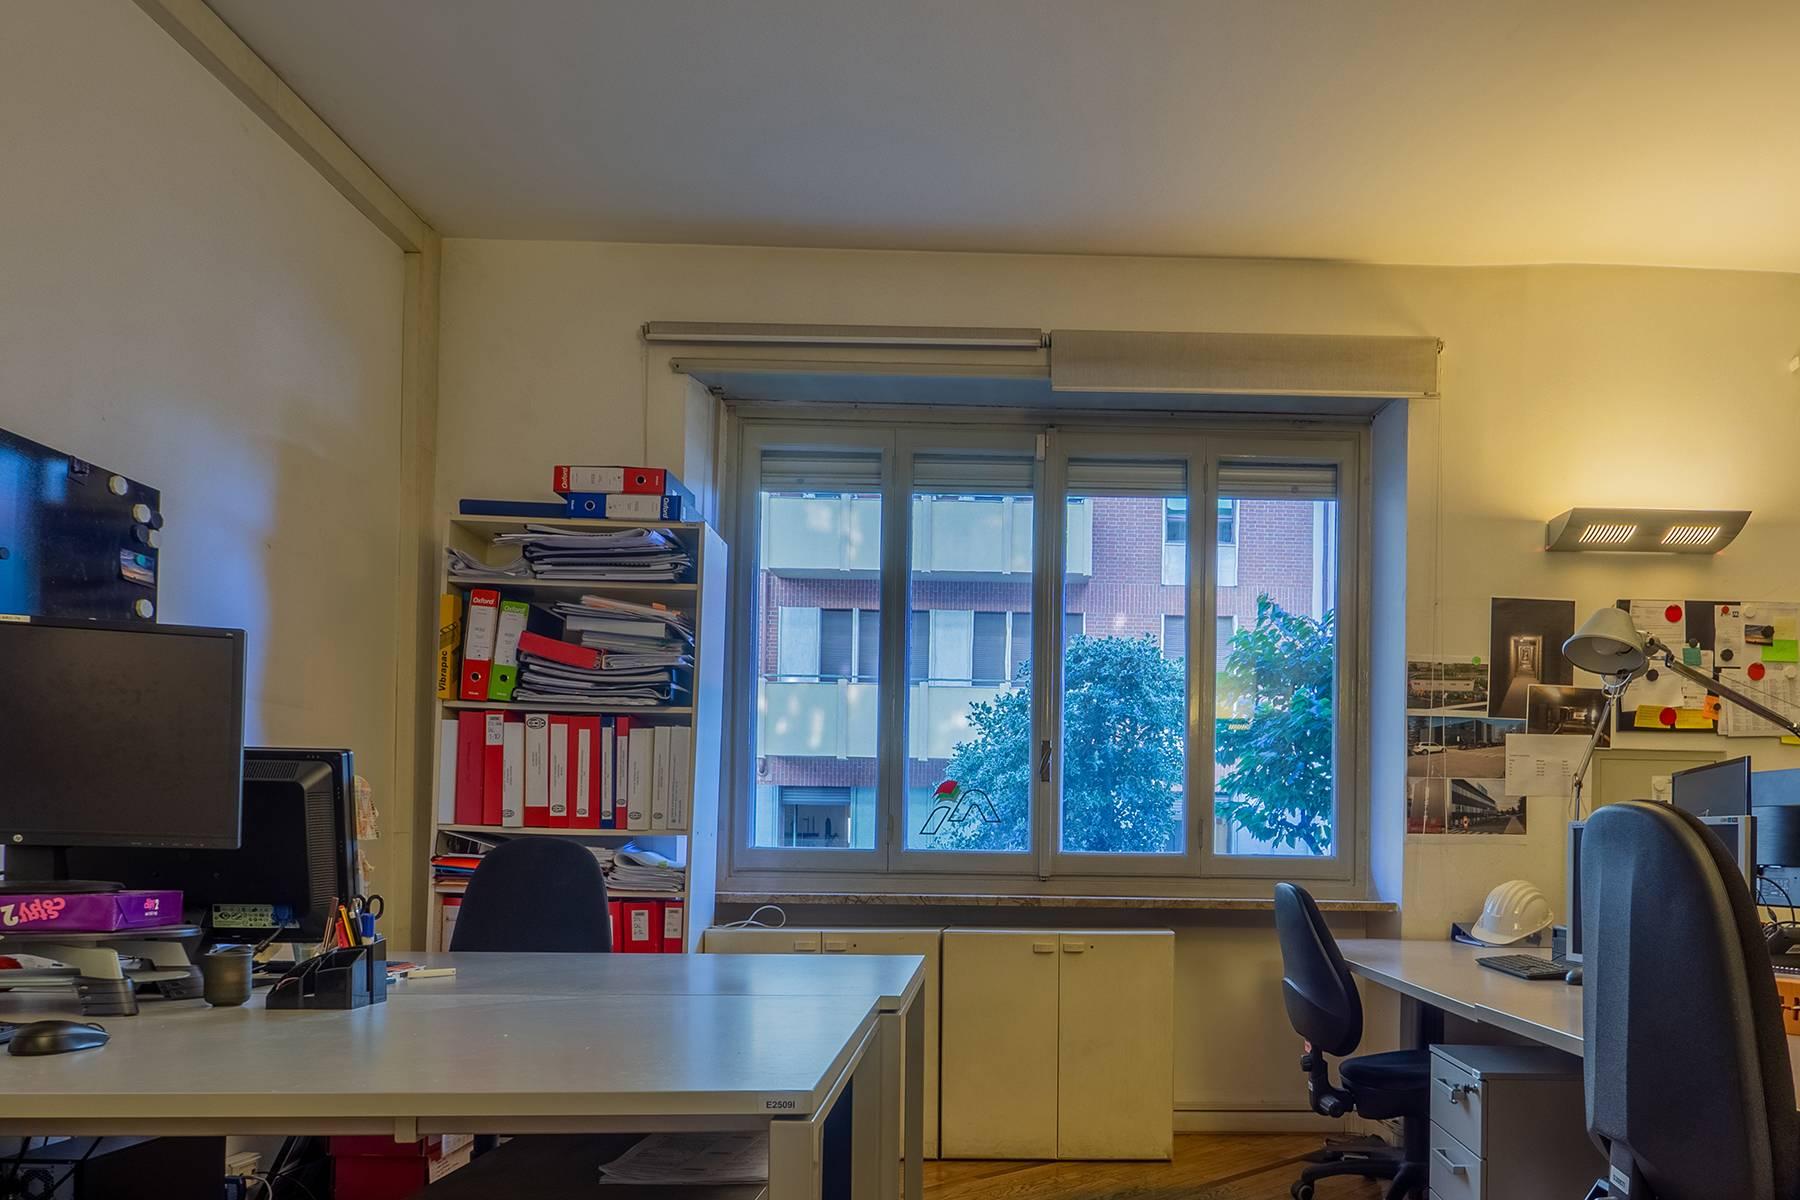 Ufficio-studio in Vendita a Torino: 2 locali, 89 mq - Foto 6